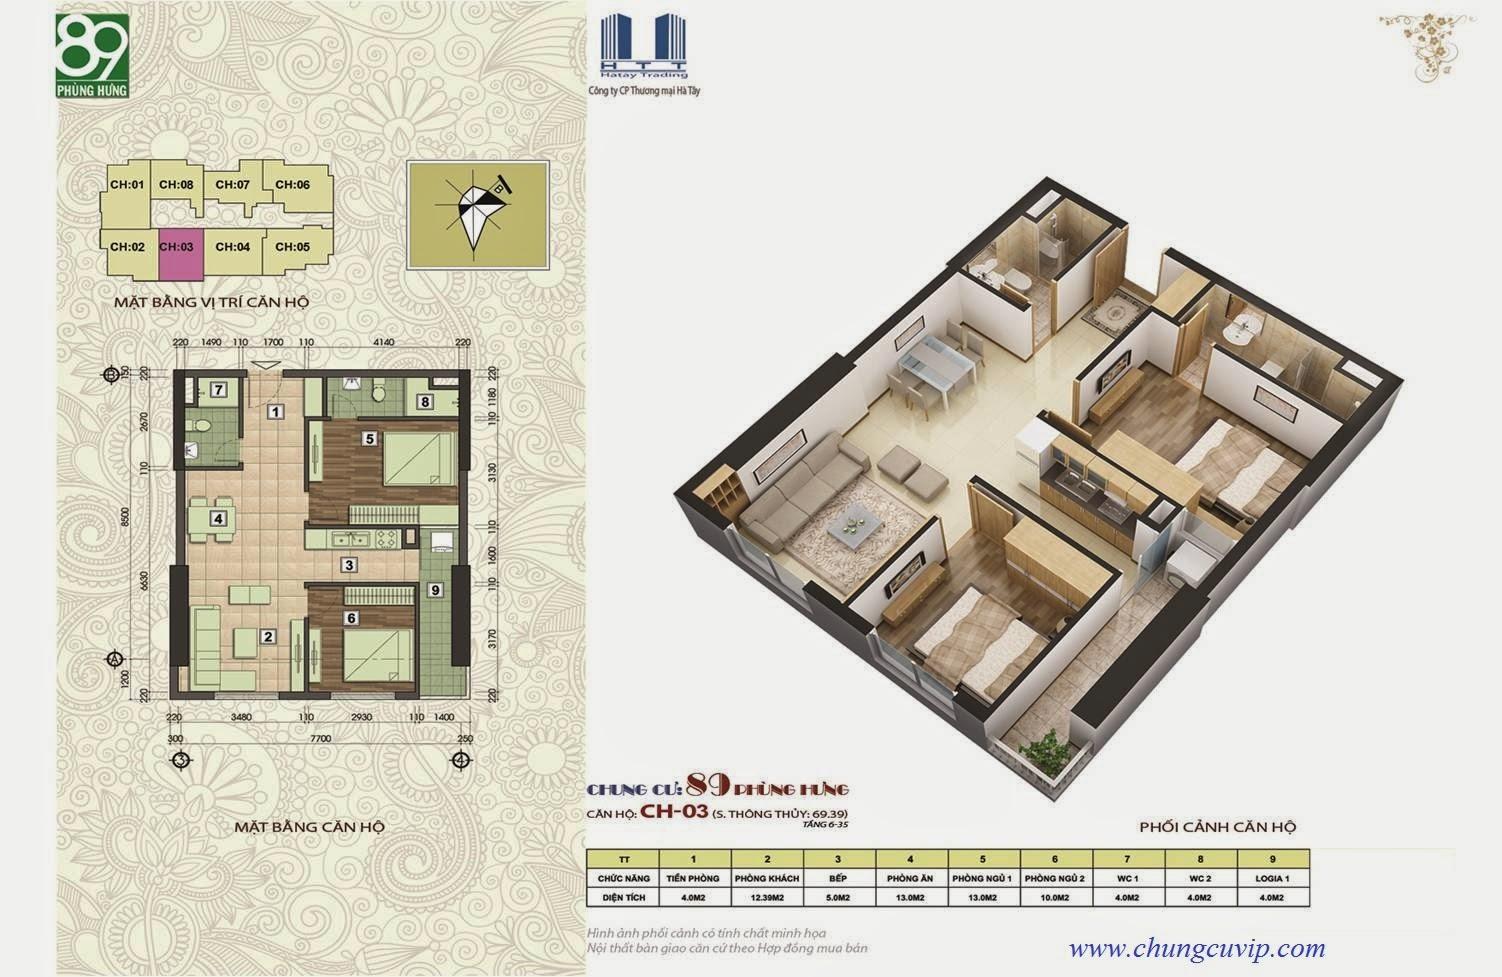 Chung cư 89 Phùng Hưng ,Căn 63,39 m2